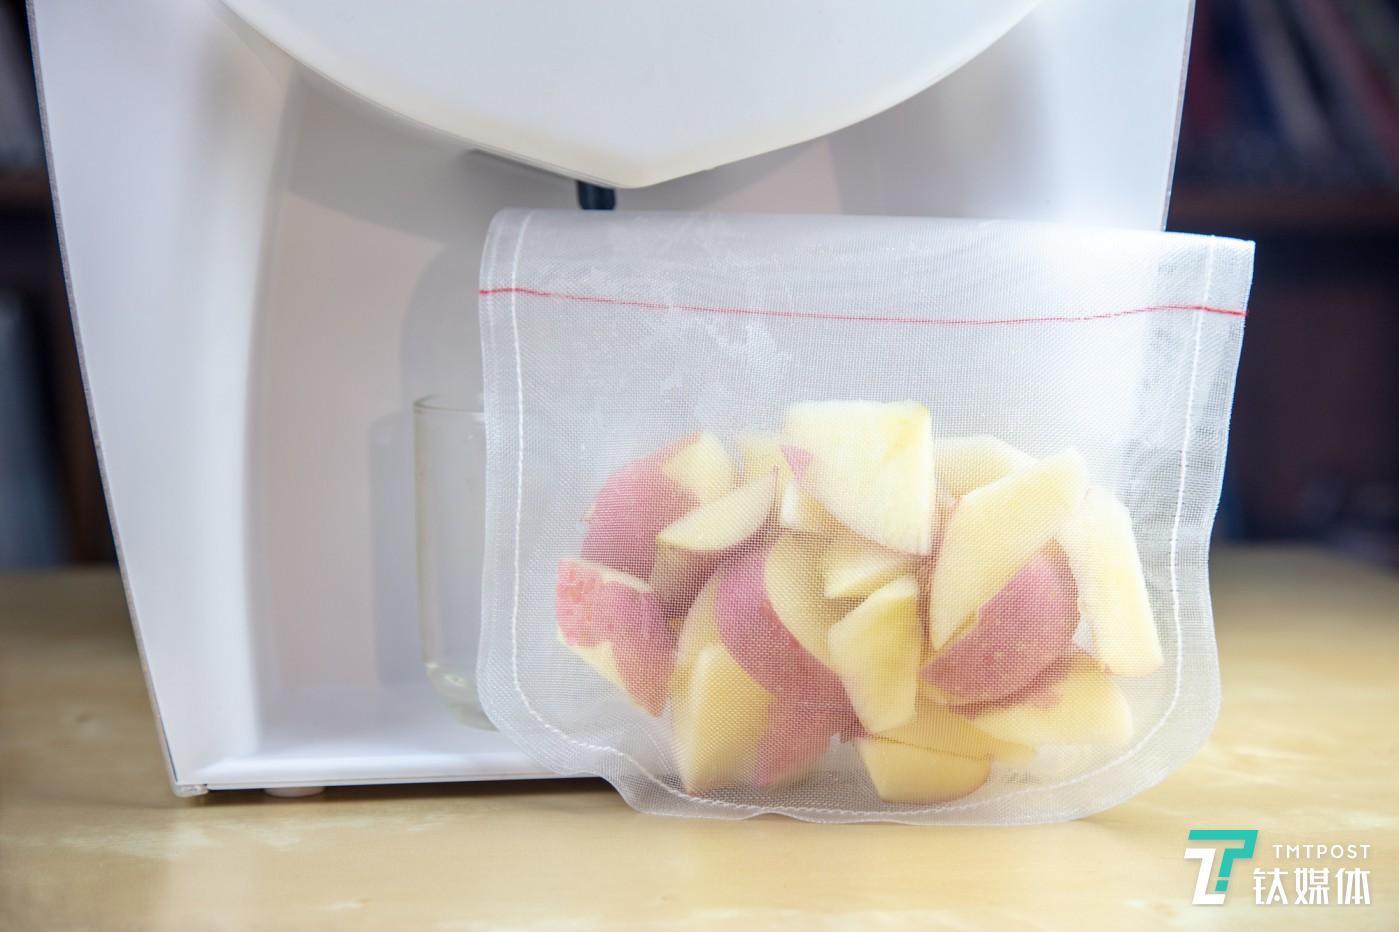 将水果切成小块放入内袋中